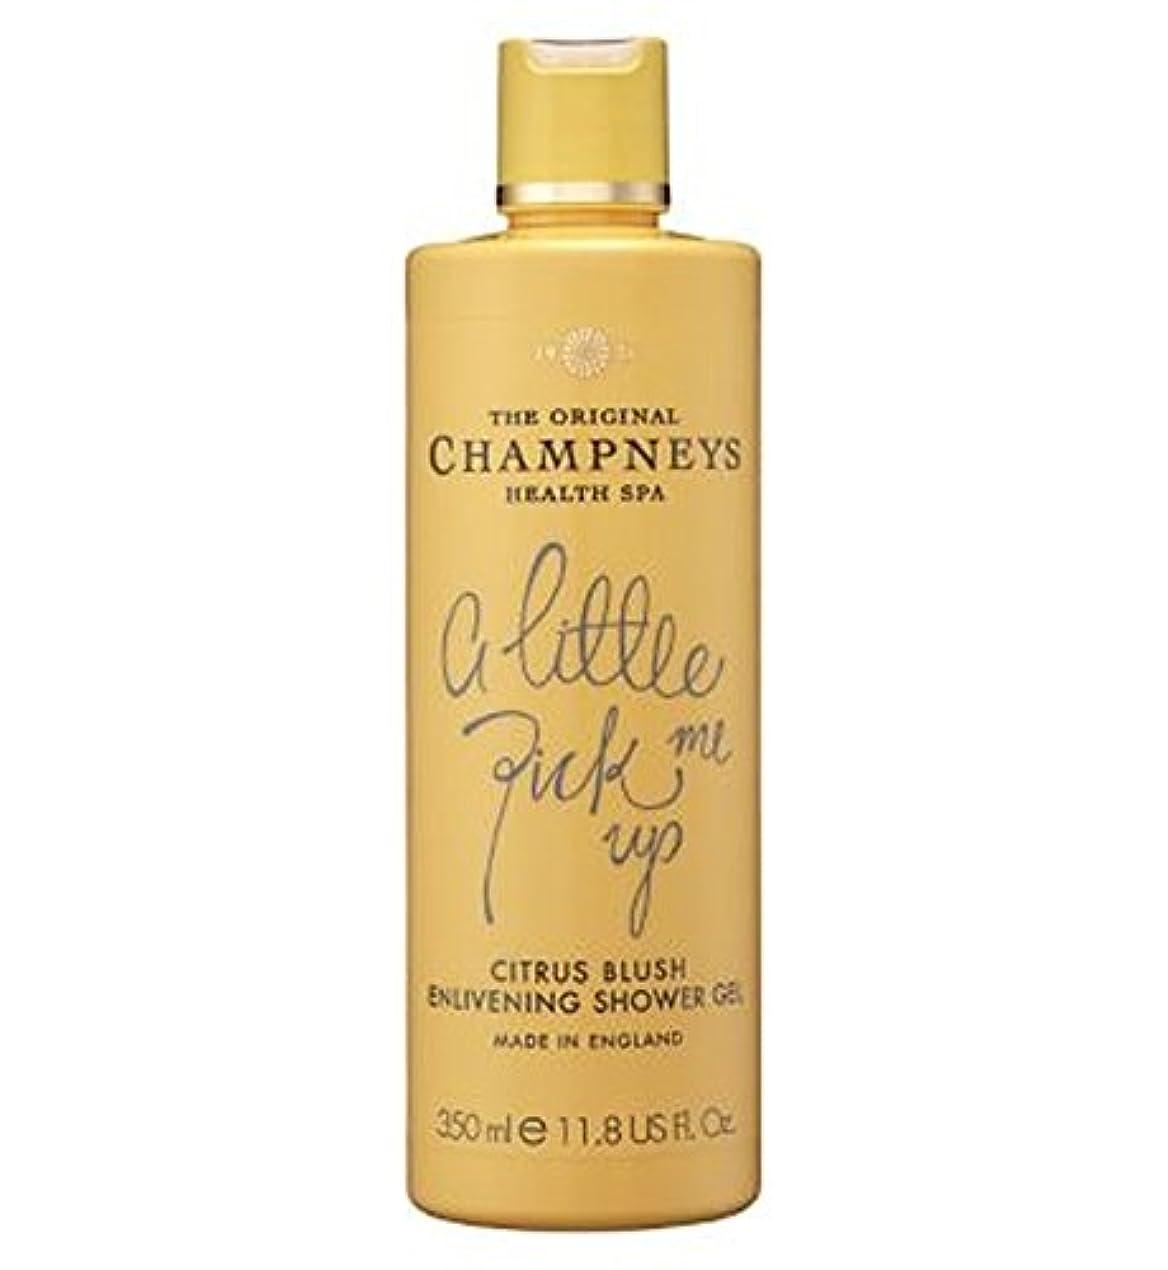 レイア領収書代理人チャンプニーズシトラス赤面盛り上げシャワージェル350ミリリットル (Champneys) (x2) - Champneys Citrus Blush Enlivening Shower Gel 350ml (Pack of 2) [並行輸入品]